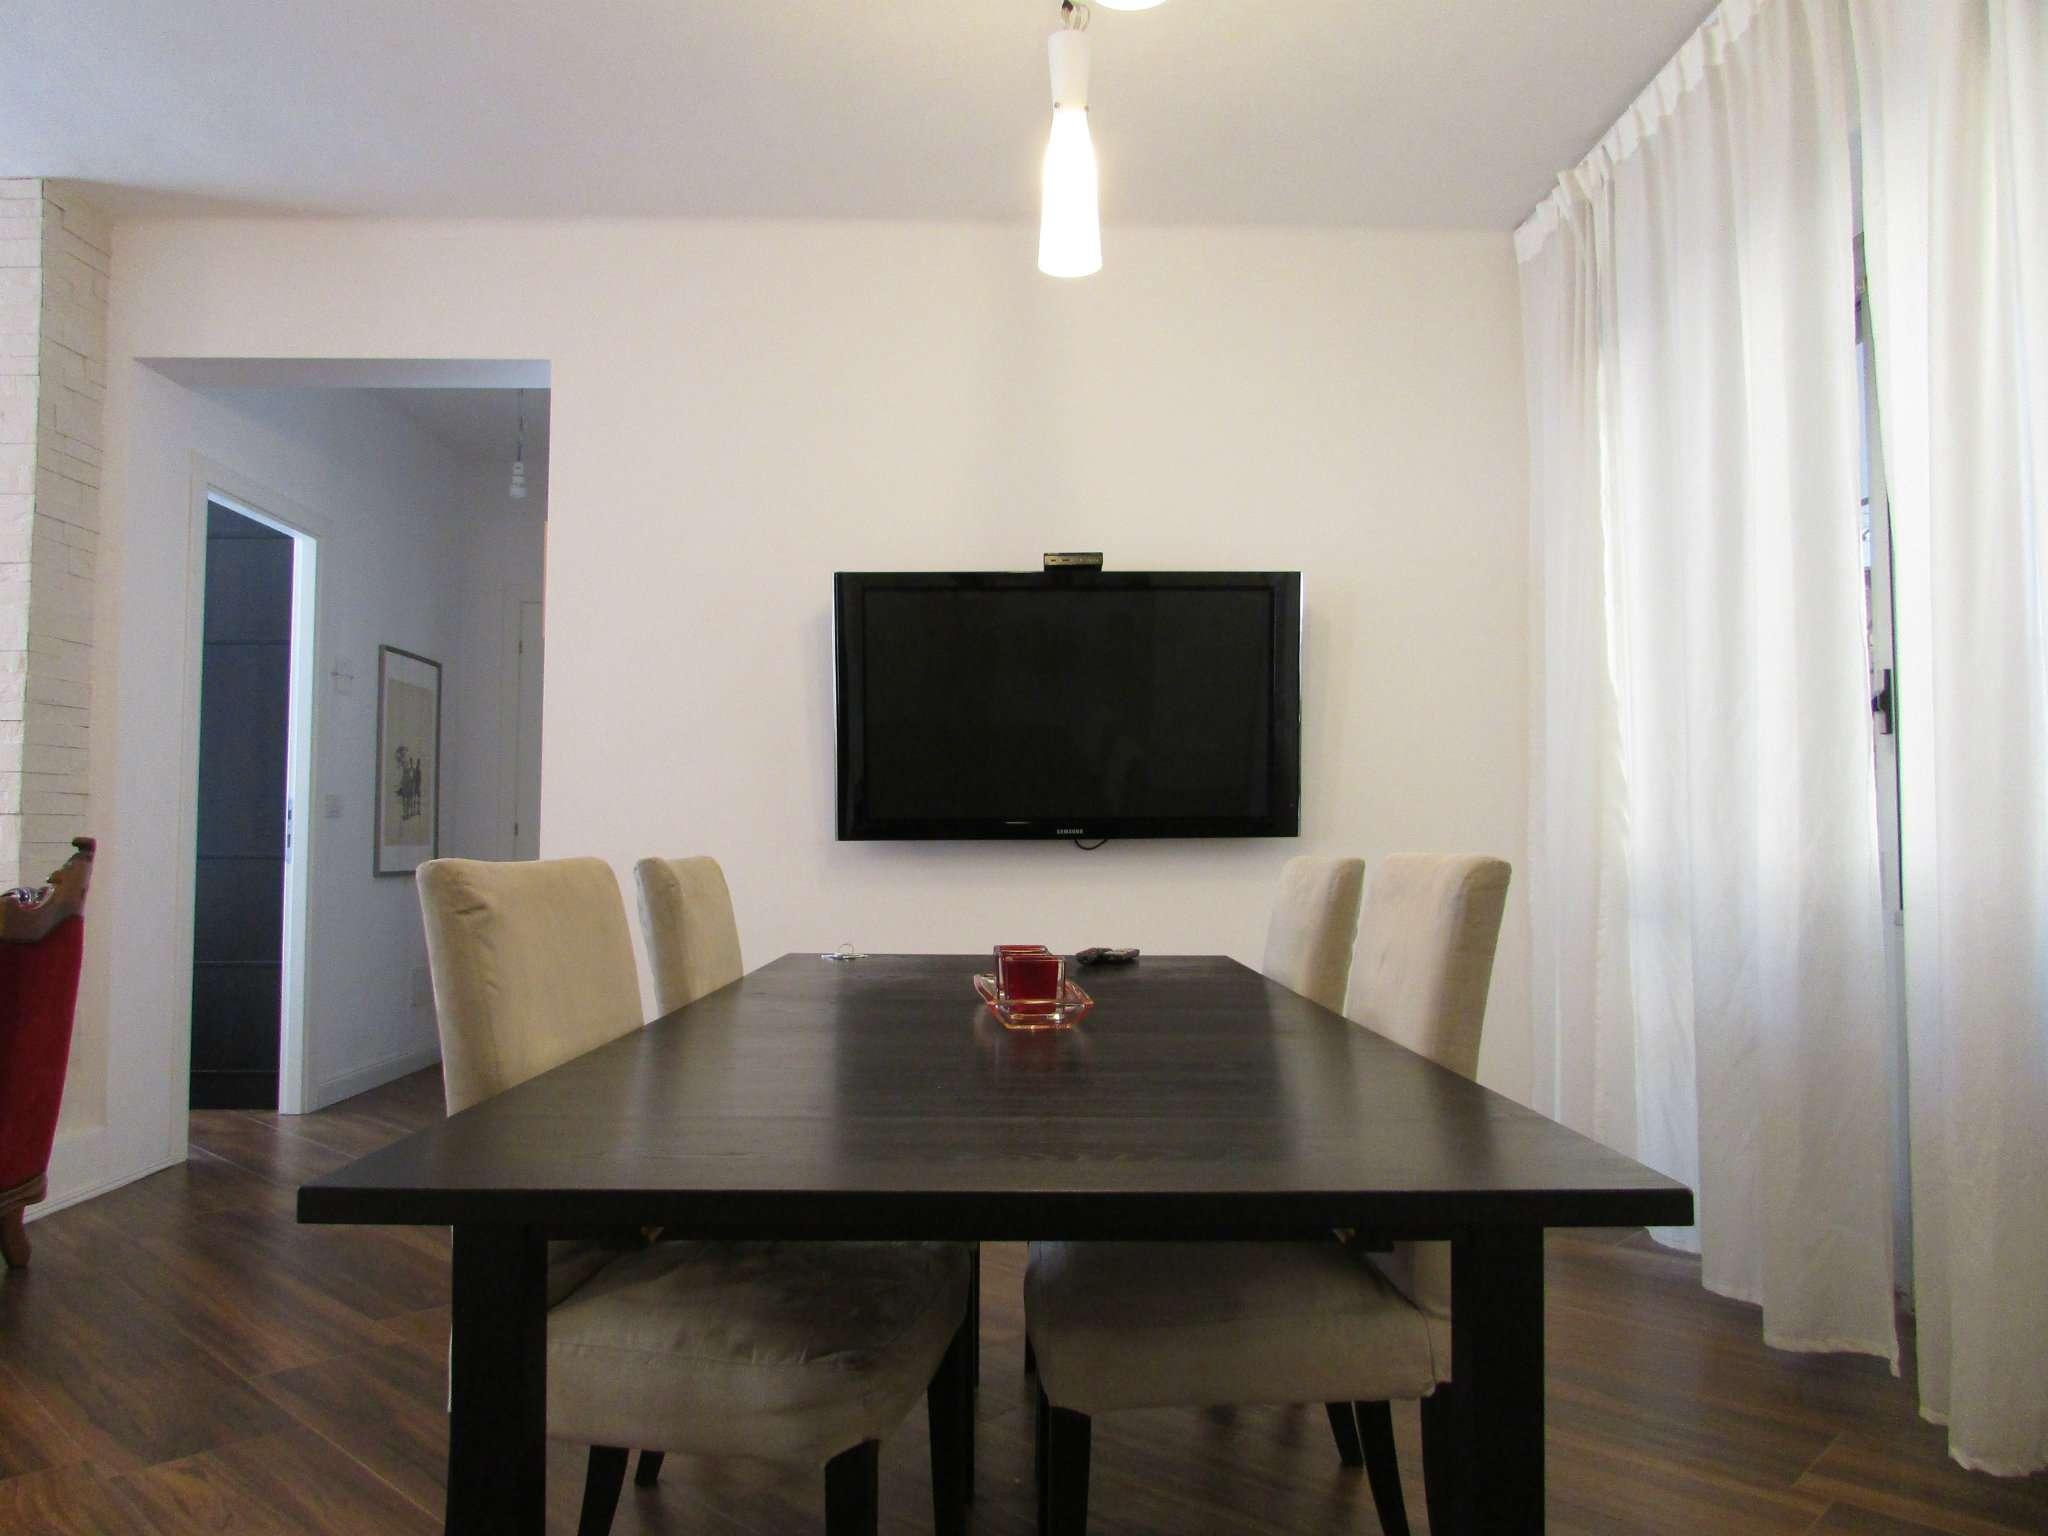 Appartamento in vendita a Milano, 3 locali, zona Zona: 7 . Corvetto, Lodi, Forlanini, Umbria, Rogoredo, prezzo € 245.000 | CambioCasa.it